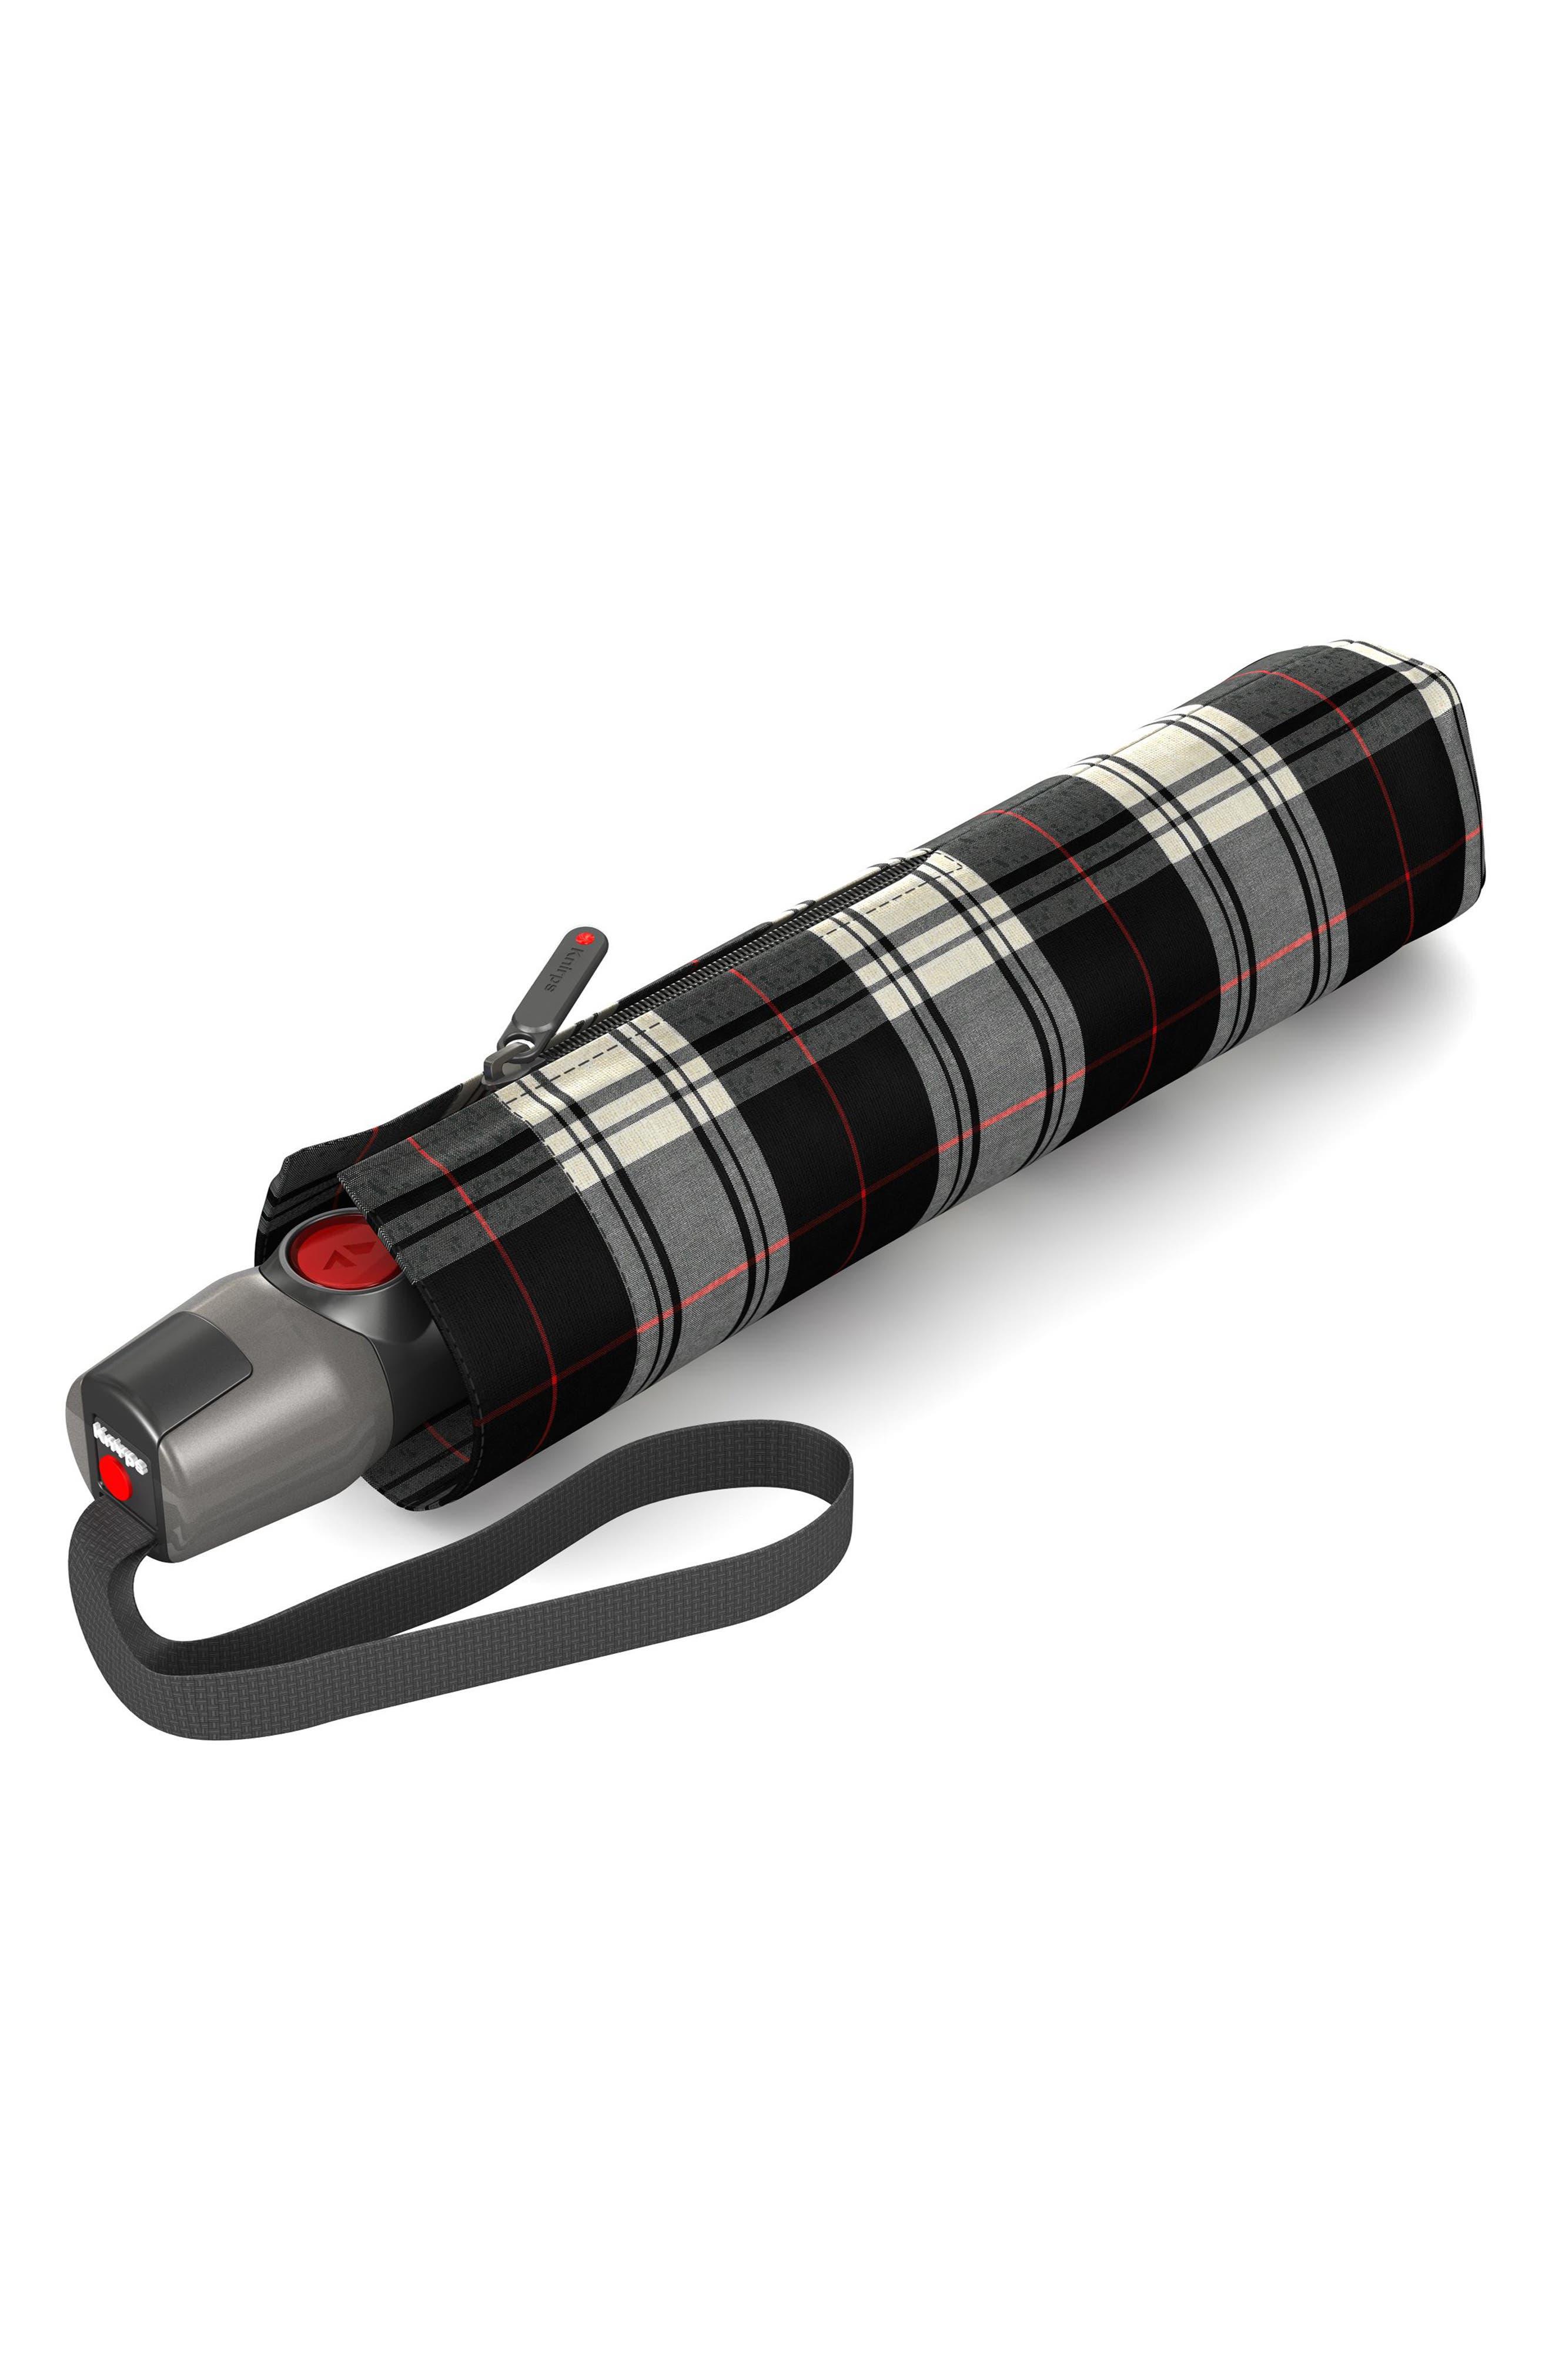 T200 Auto Open/Close Umbrella,                         Main,                         color, BLACK/WHITE CHECK